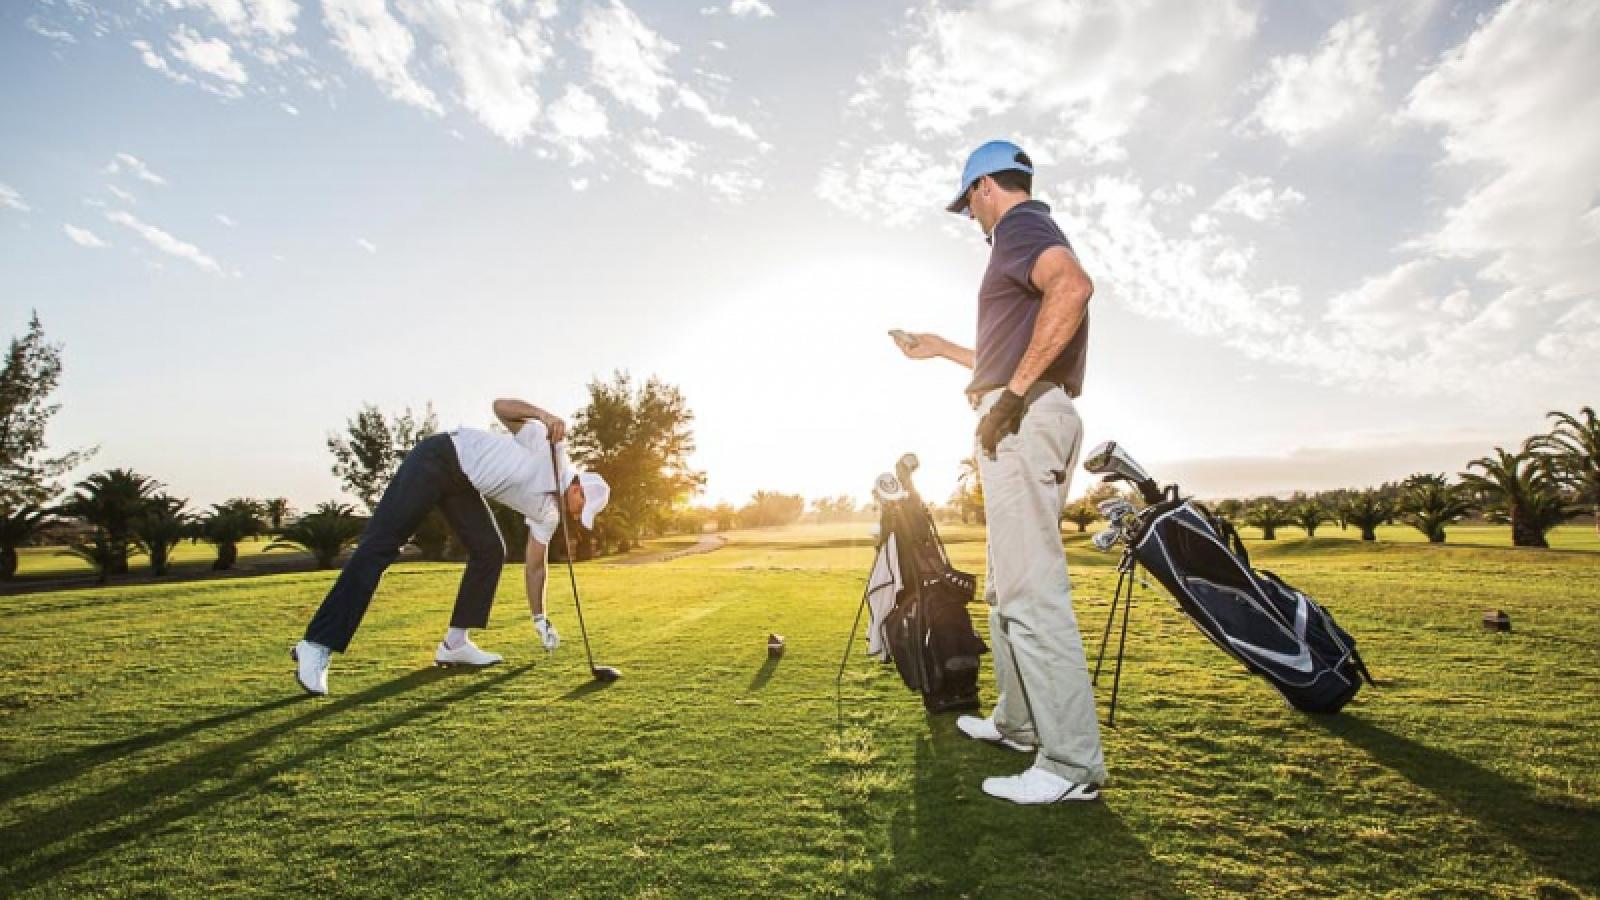 Sinh viên ĐH Quốc gia Hà Nội được học môn golf từ năm tới